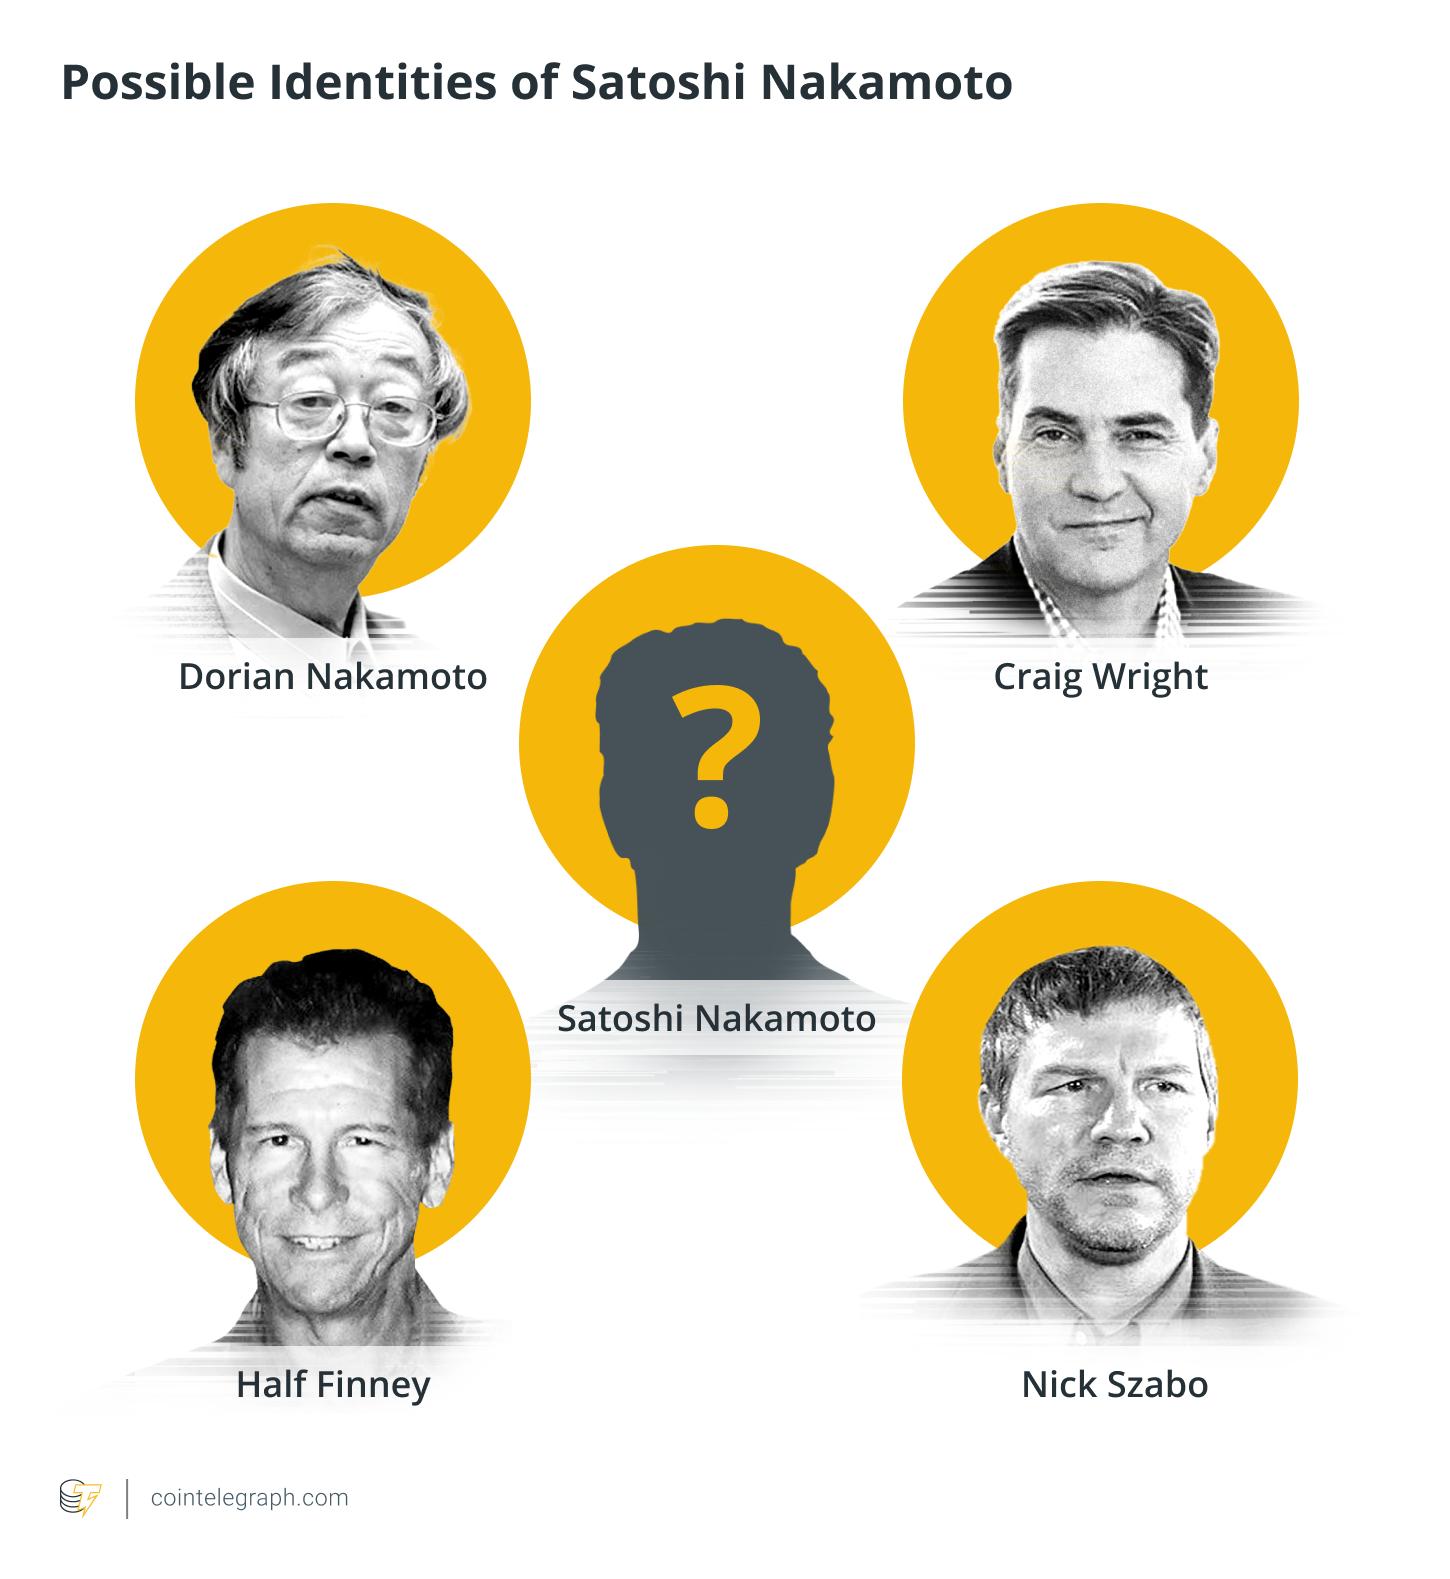 Possible identities of Satoshi Nakamoto